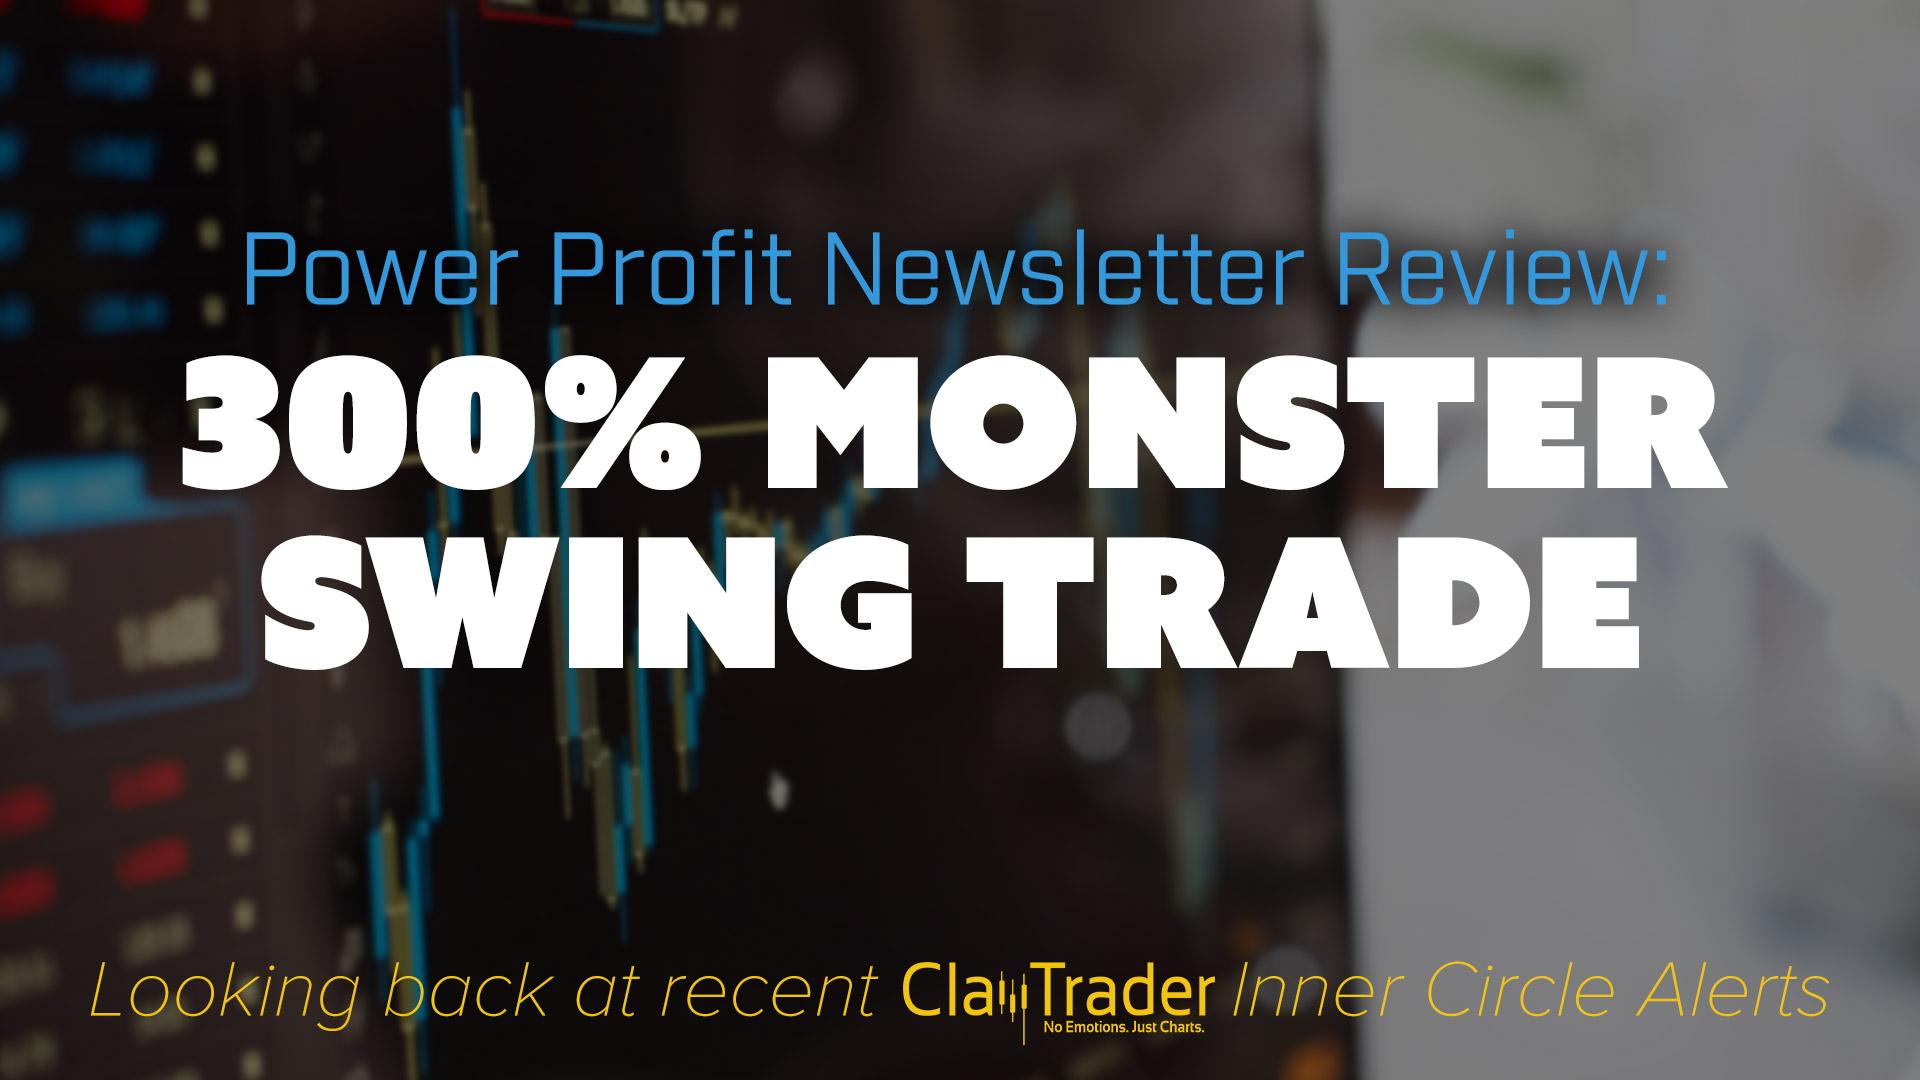 300% Monster Swing Trade